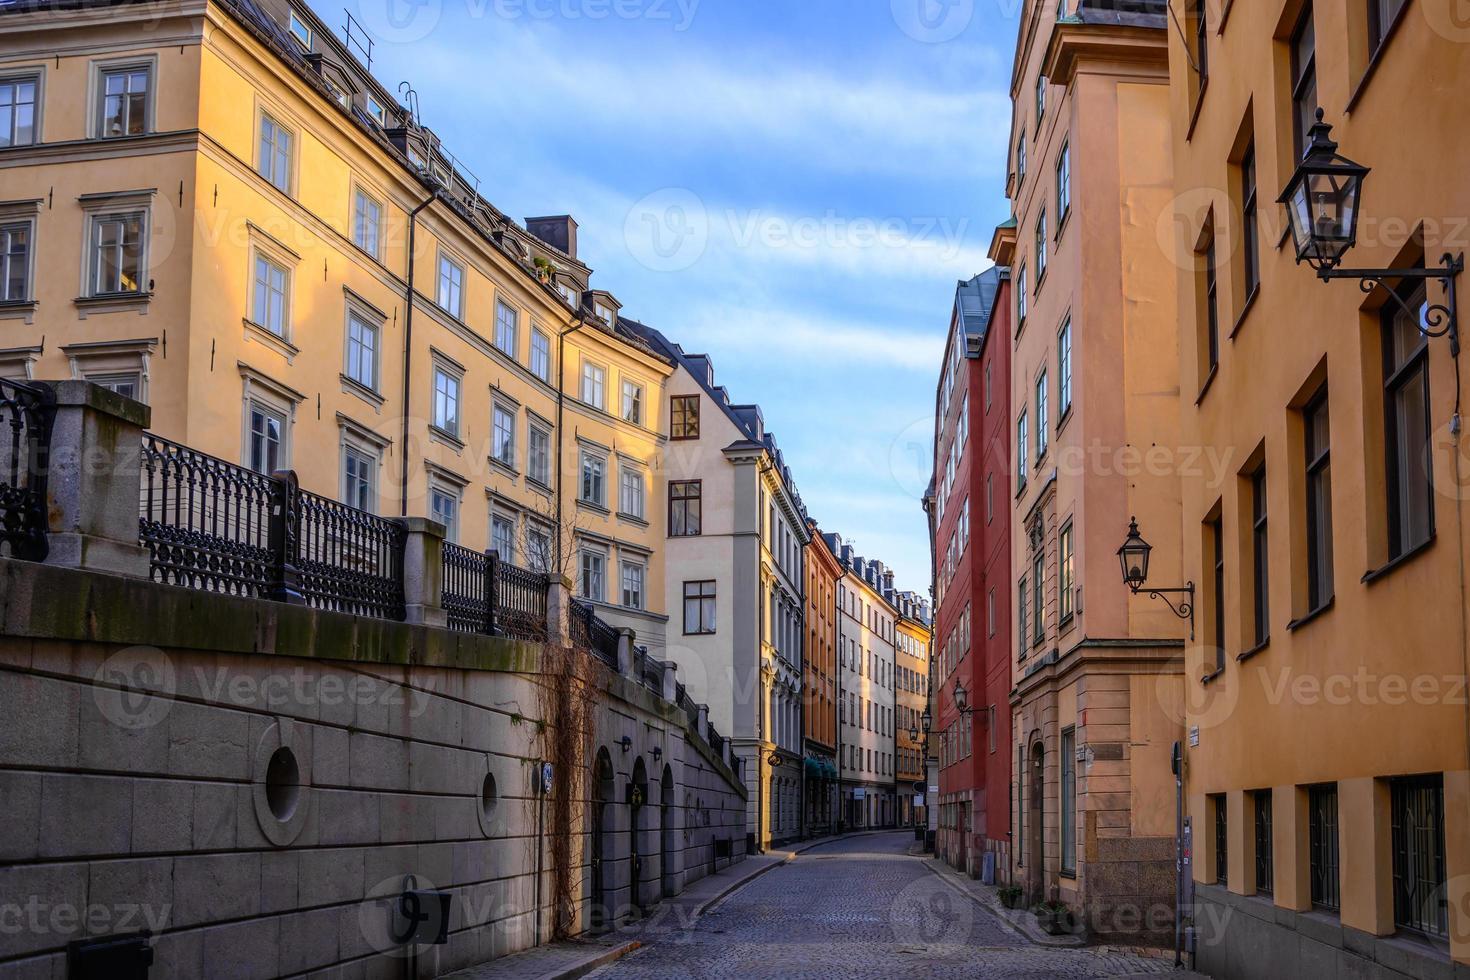 die alte Stadt foto